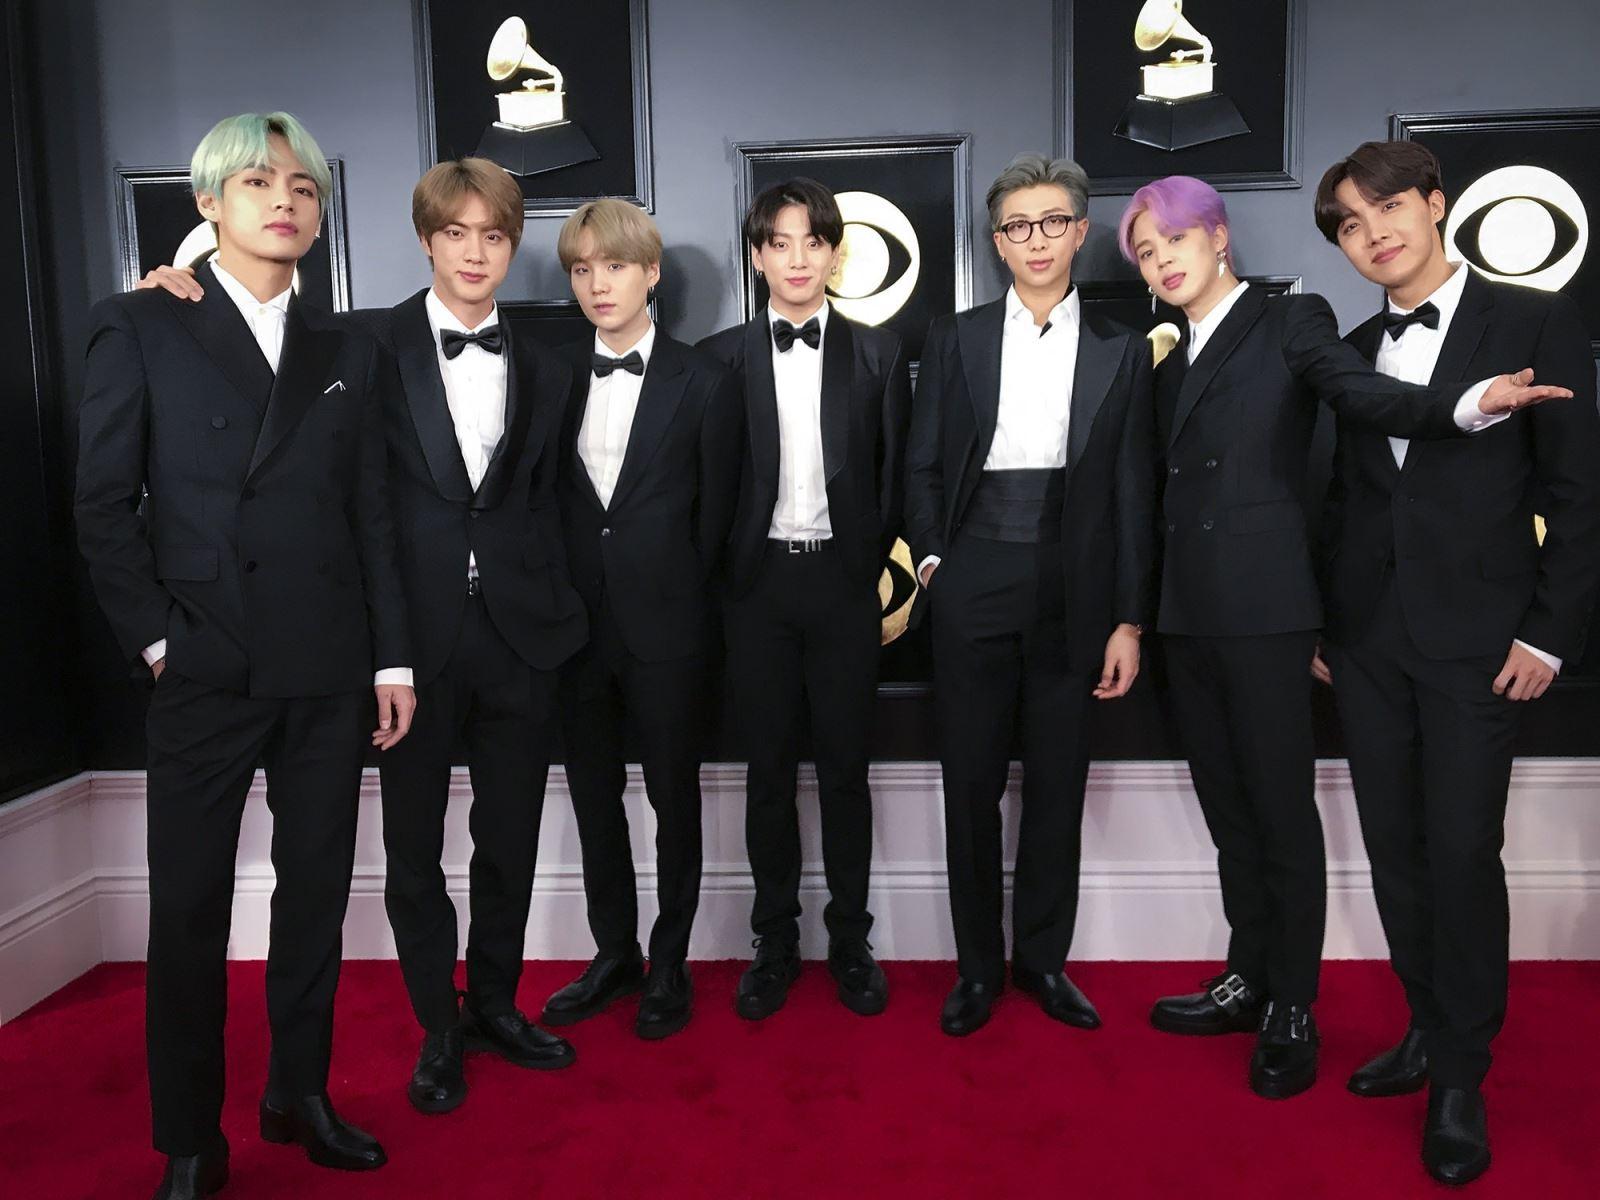 BTS, Bảo tàng Grammy trưng bày trang phục BTS, Trang phục của BTS trong bảo tàng, trang phuc bts, Grammy Music Awards 2019, Rihanna, Alicia Keys, Miranda Lambert